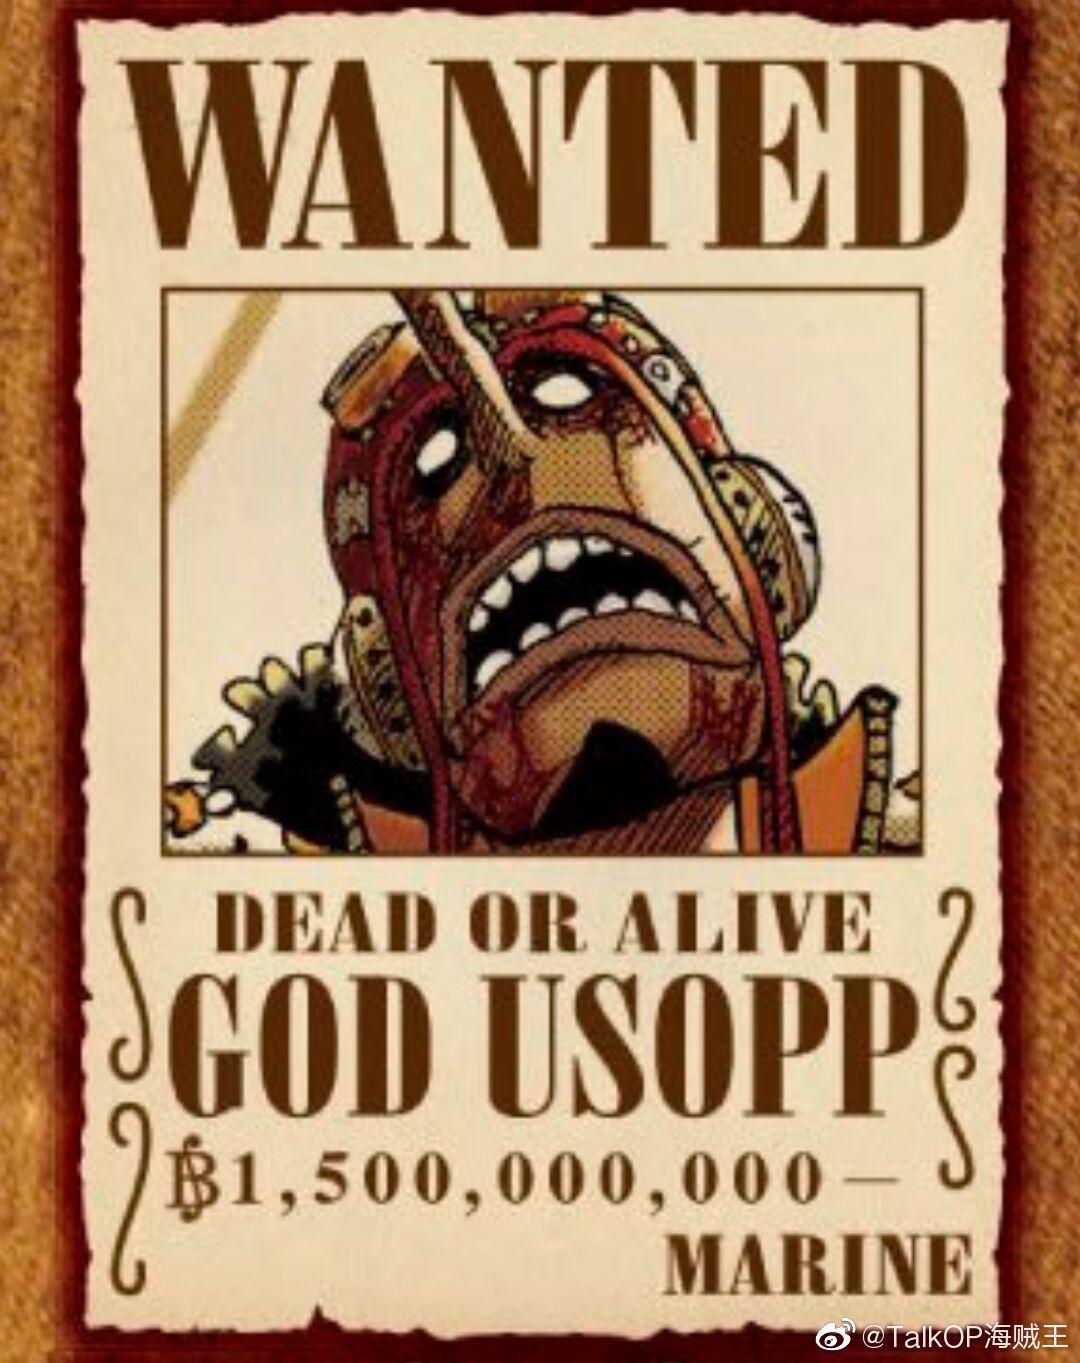 官方在海贼王100卷推特活动图上把GOD乌索普的赏金写错了